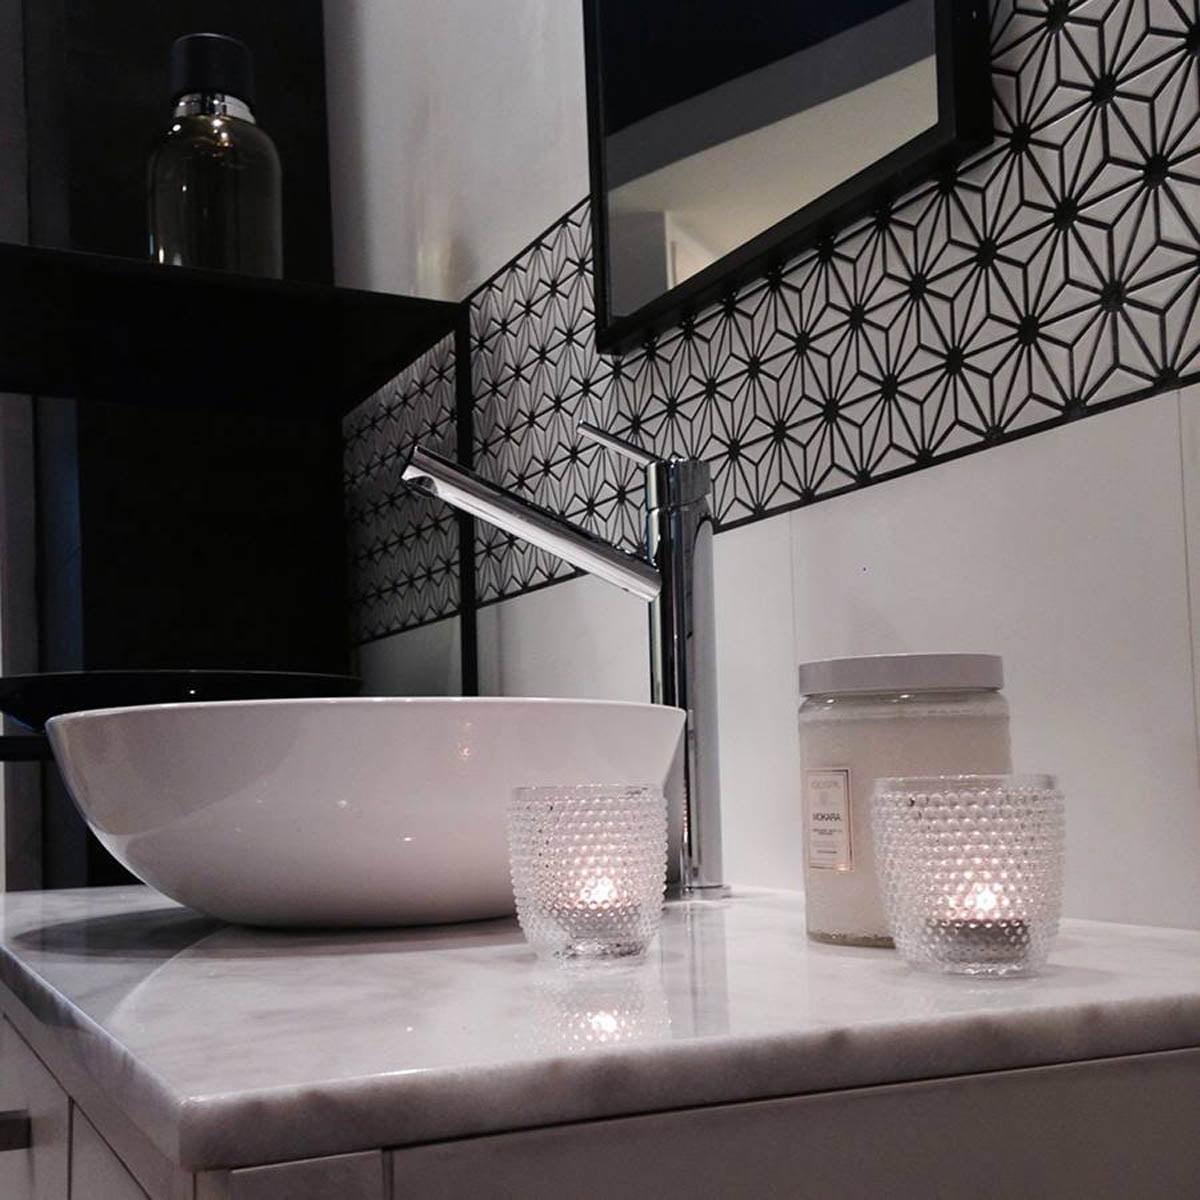 guardas il vanitori ambientaci n general para ba os On guardas decorativas para baños